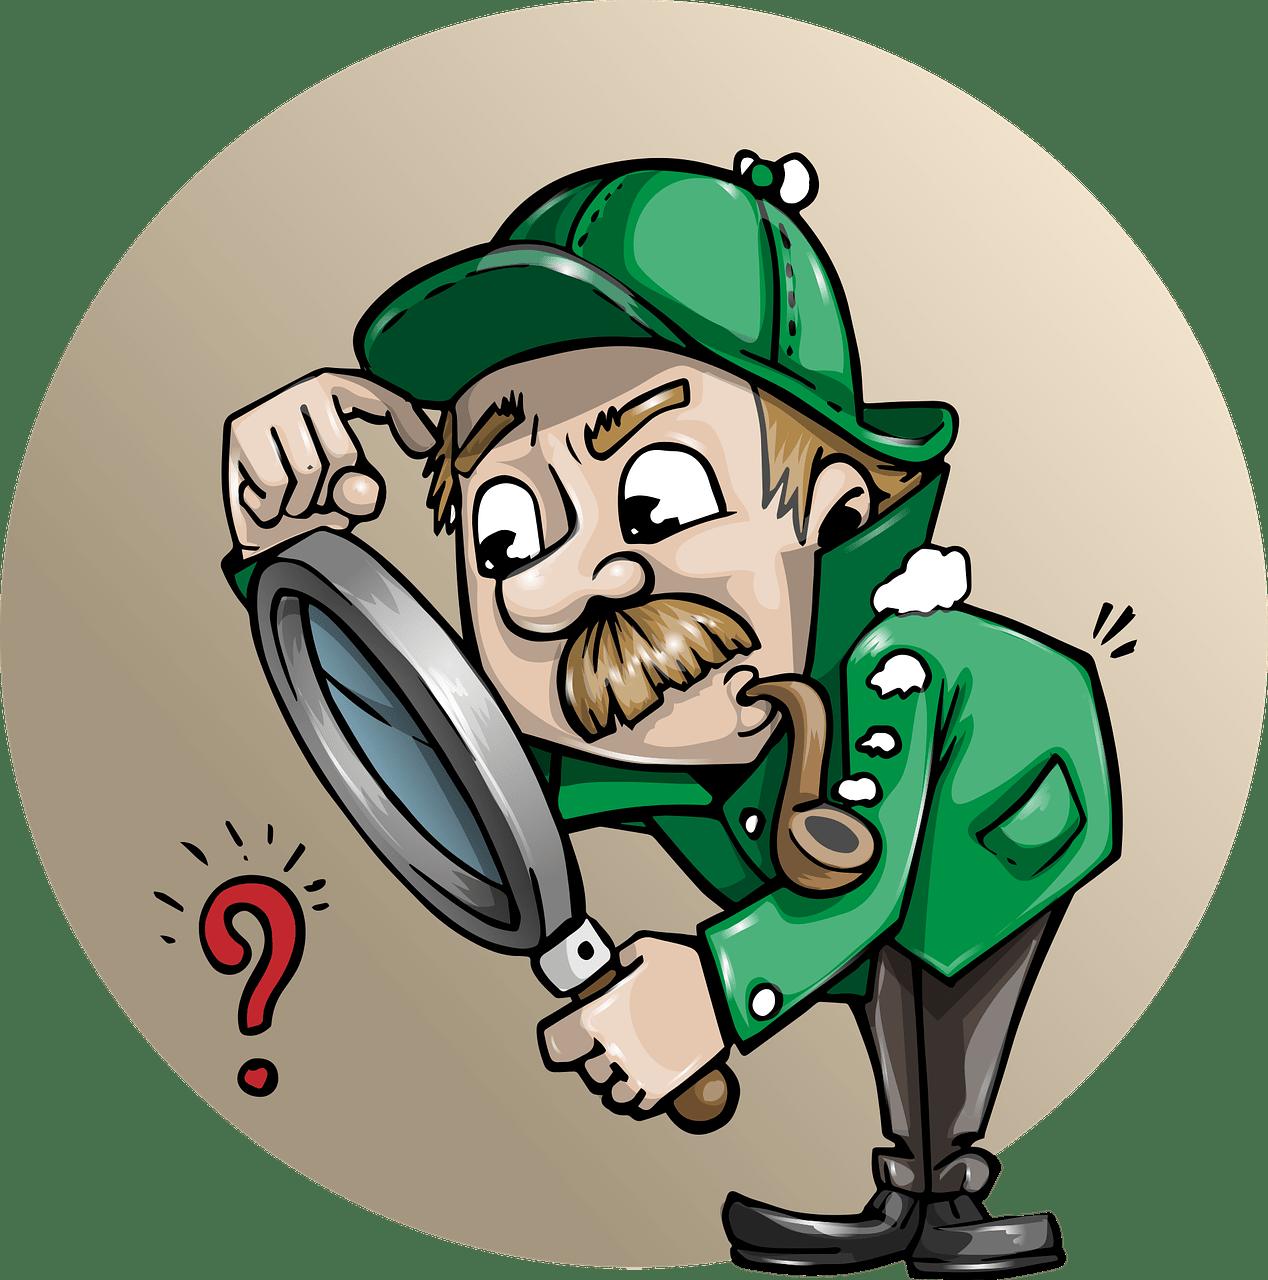 חיפוש מניות: לא מה ששאלתם.